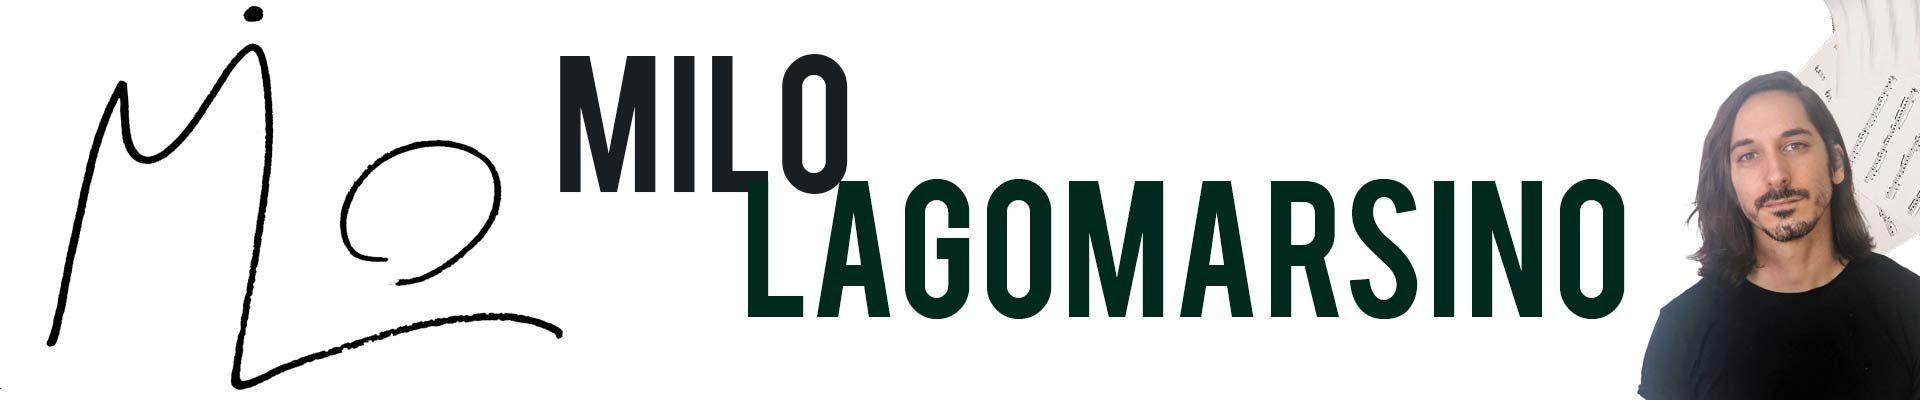 Milo Lagomarsino